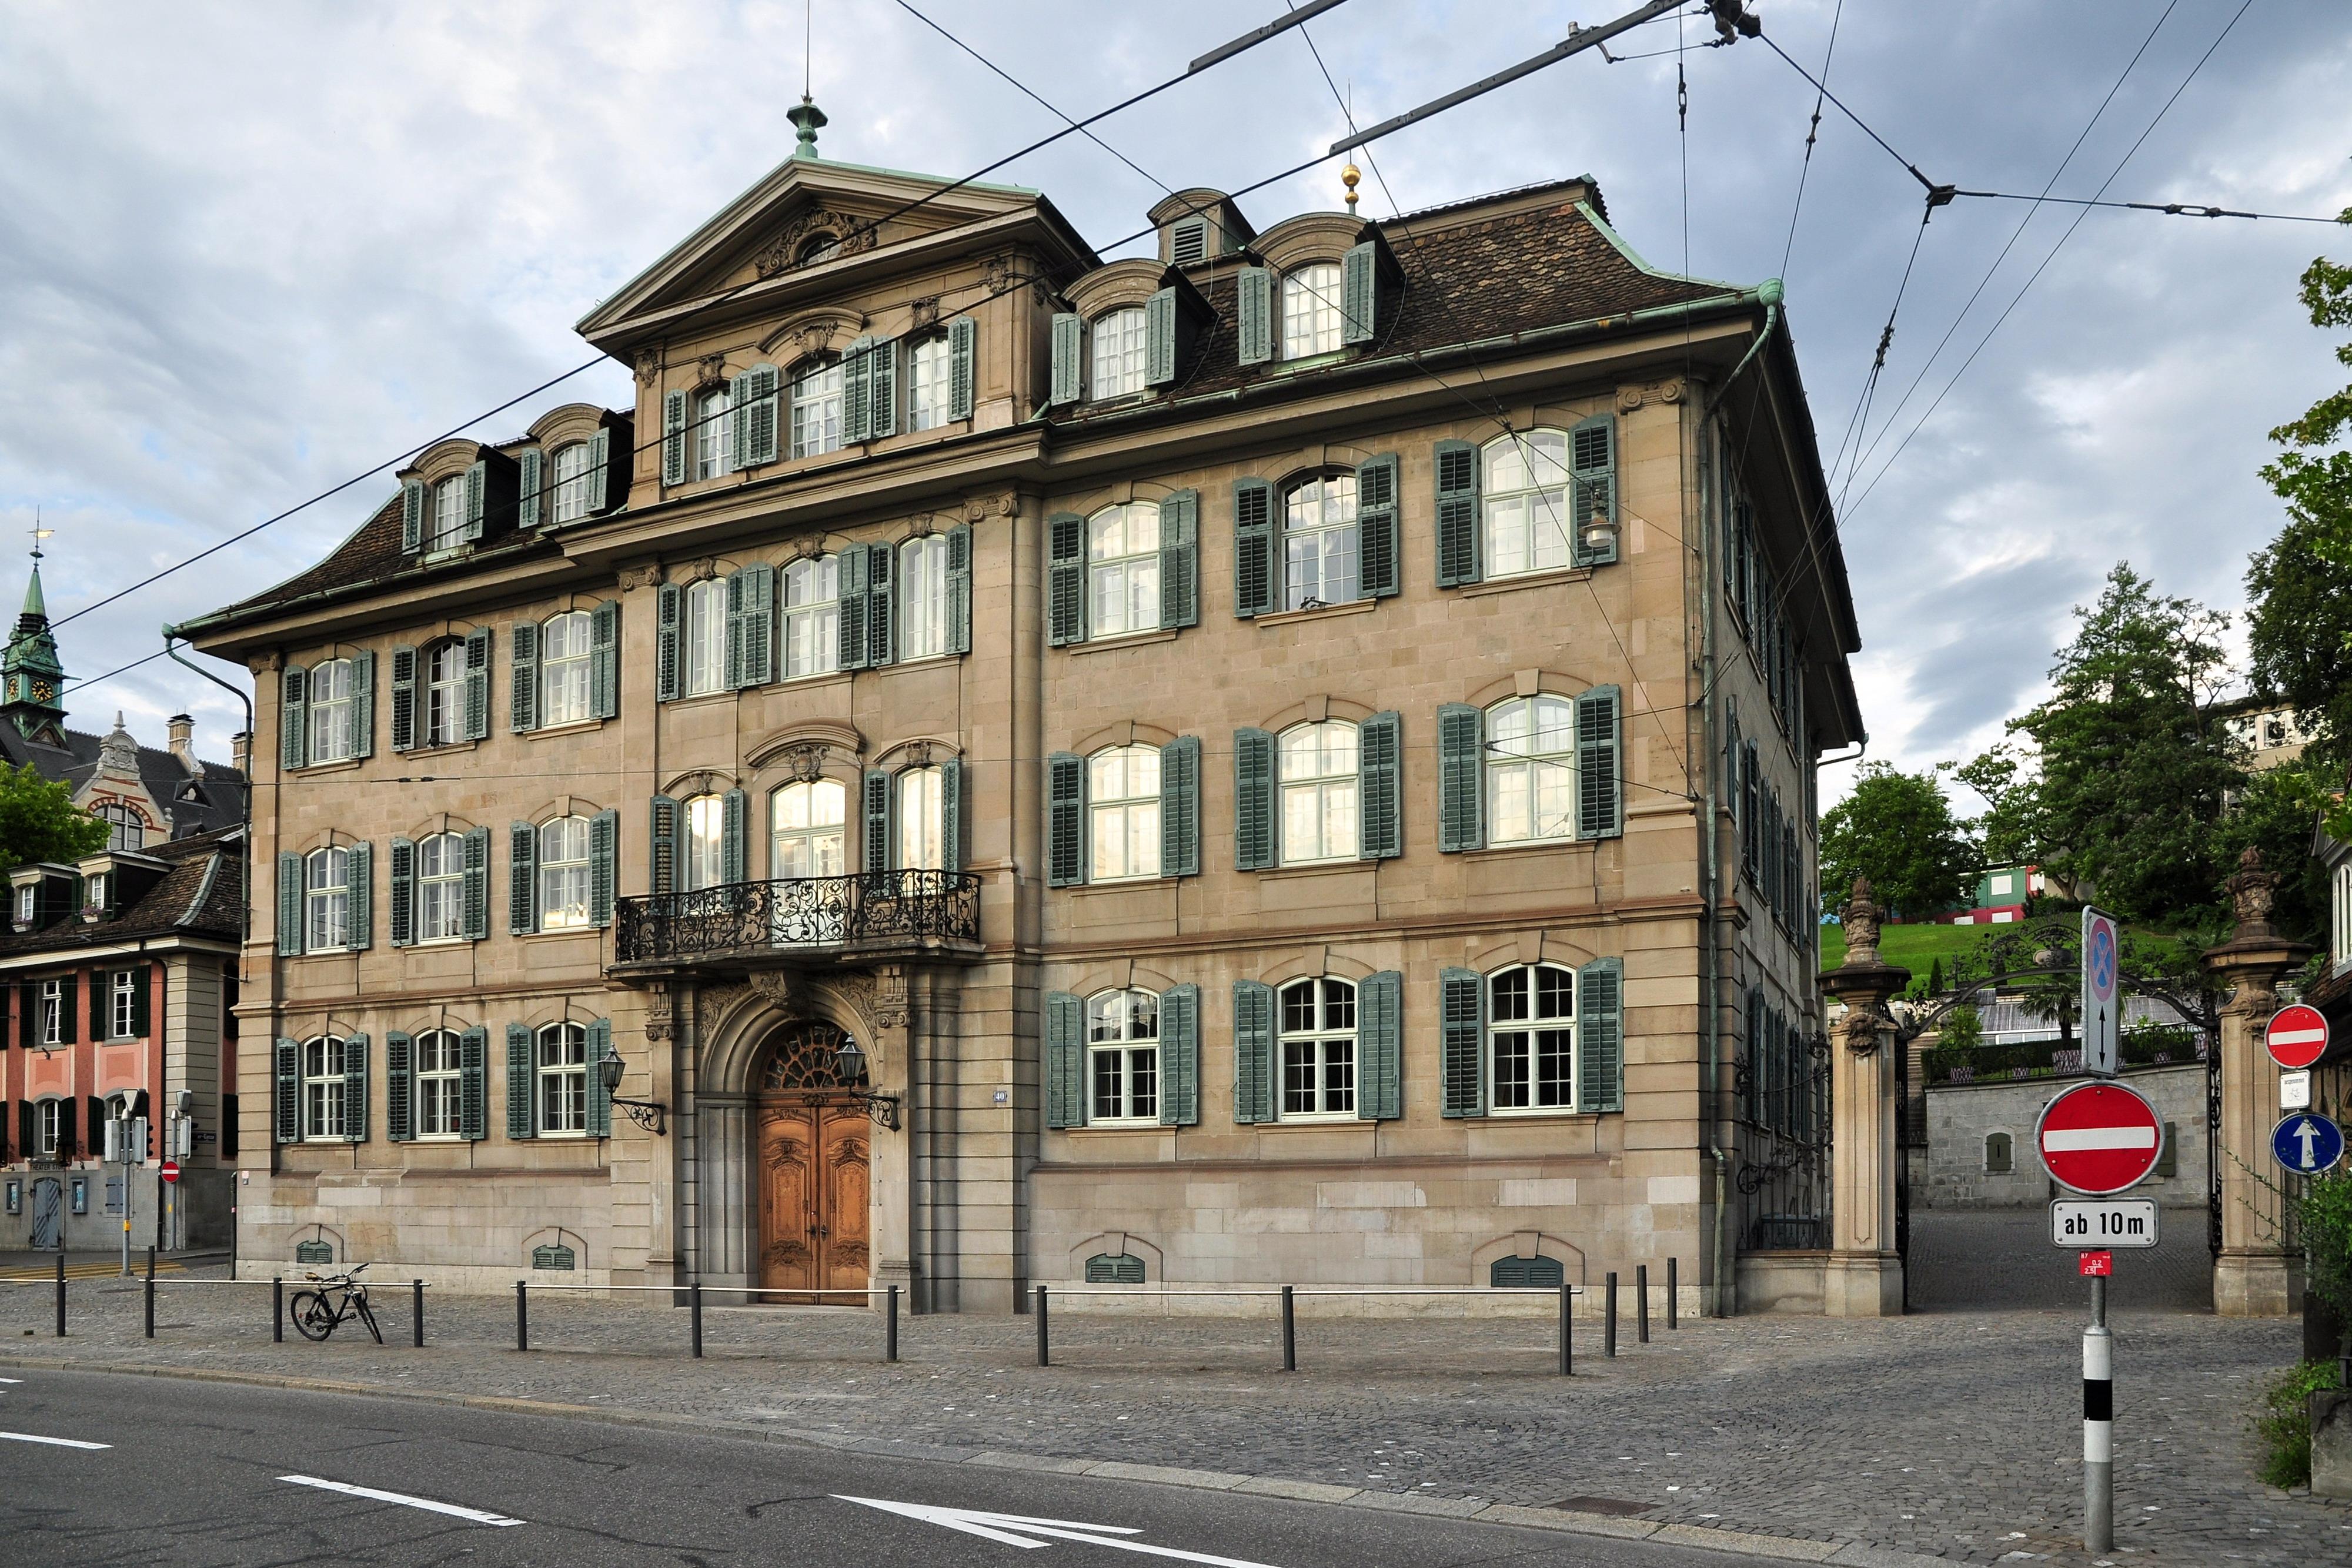 File:Hochschulen - Haus zum Rechberg 2011-08-14 19-20-52 ShiftN.jpg ...